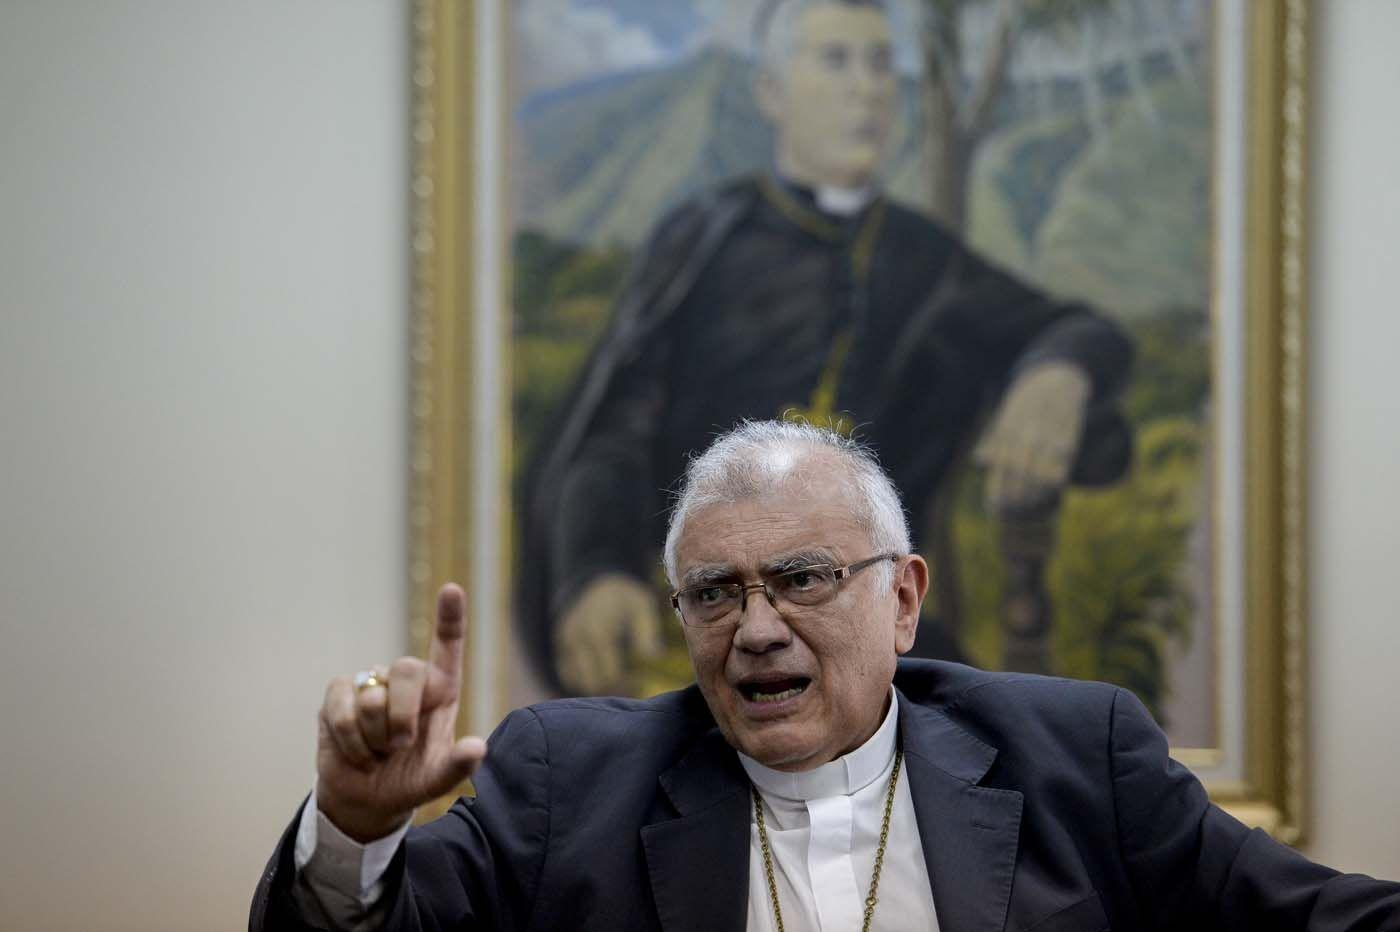 Baltazar Porras: La Iglesia no está con la oposición, está con la gente - http://bit.ly/2eBPAHe